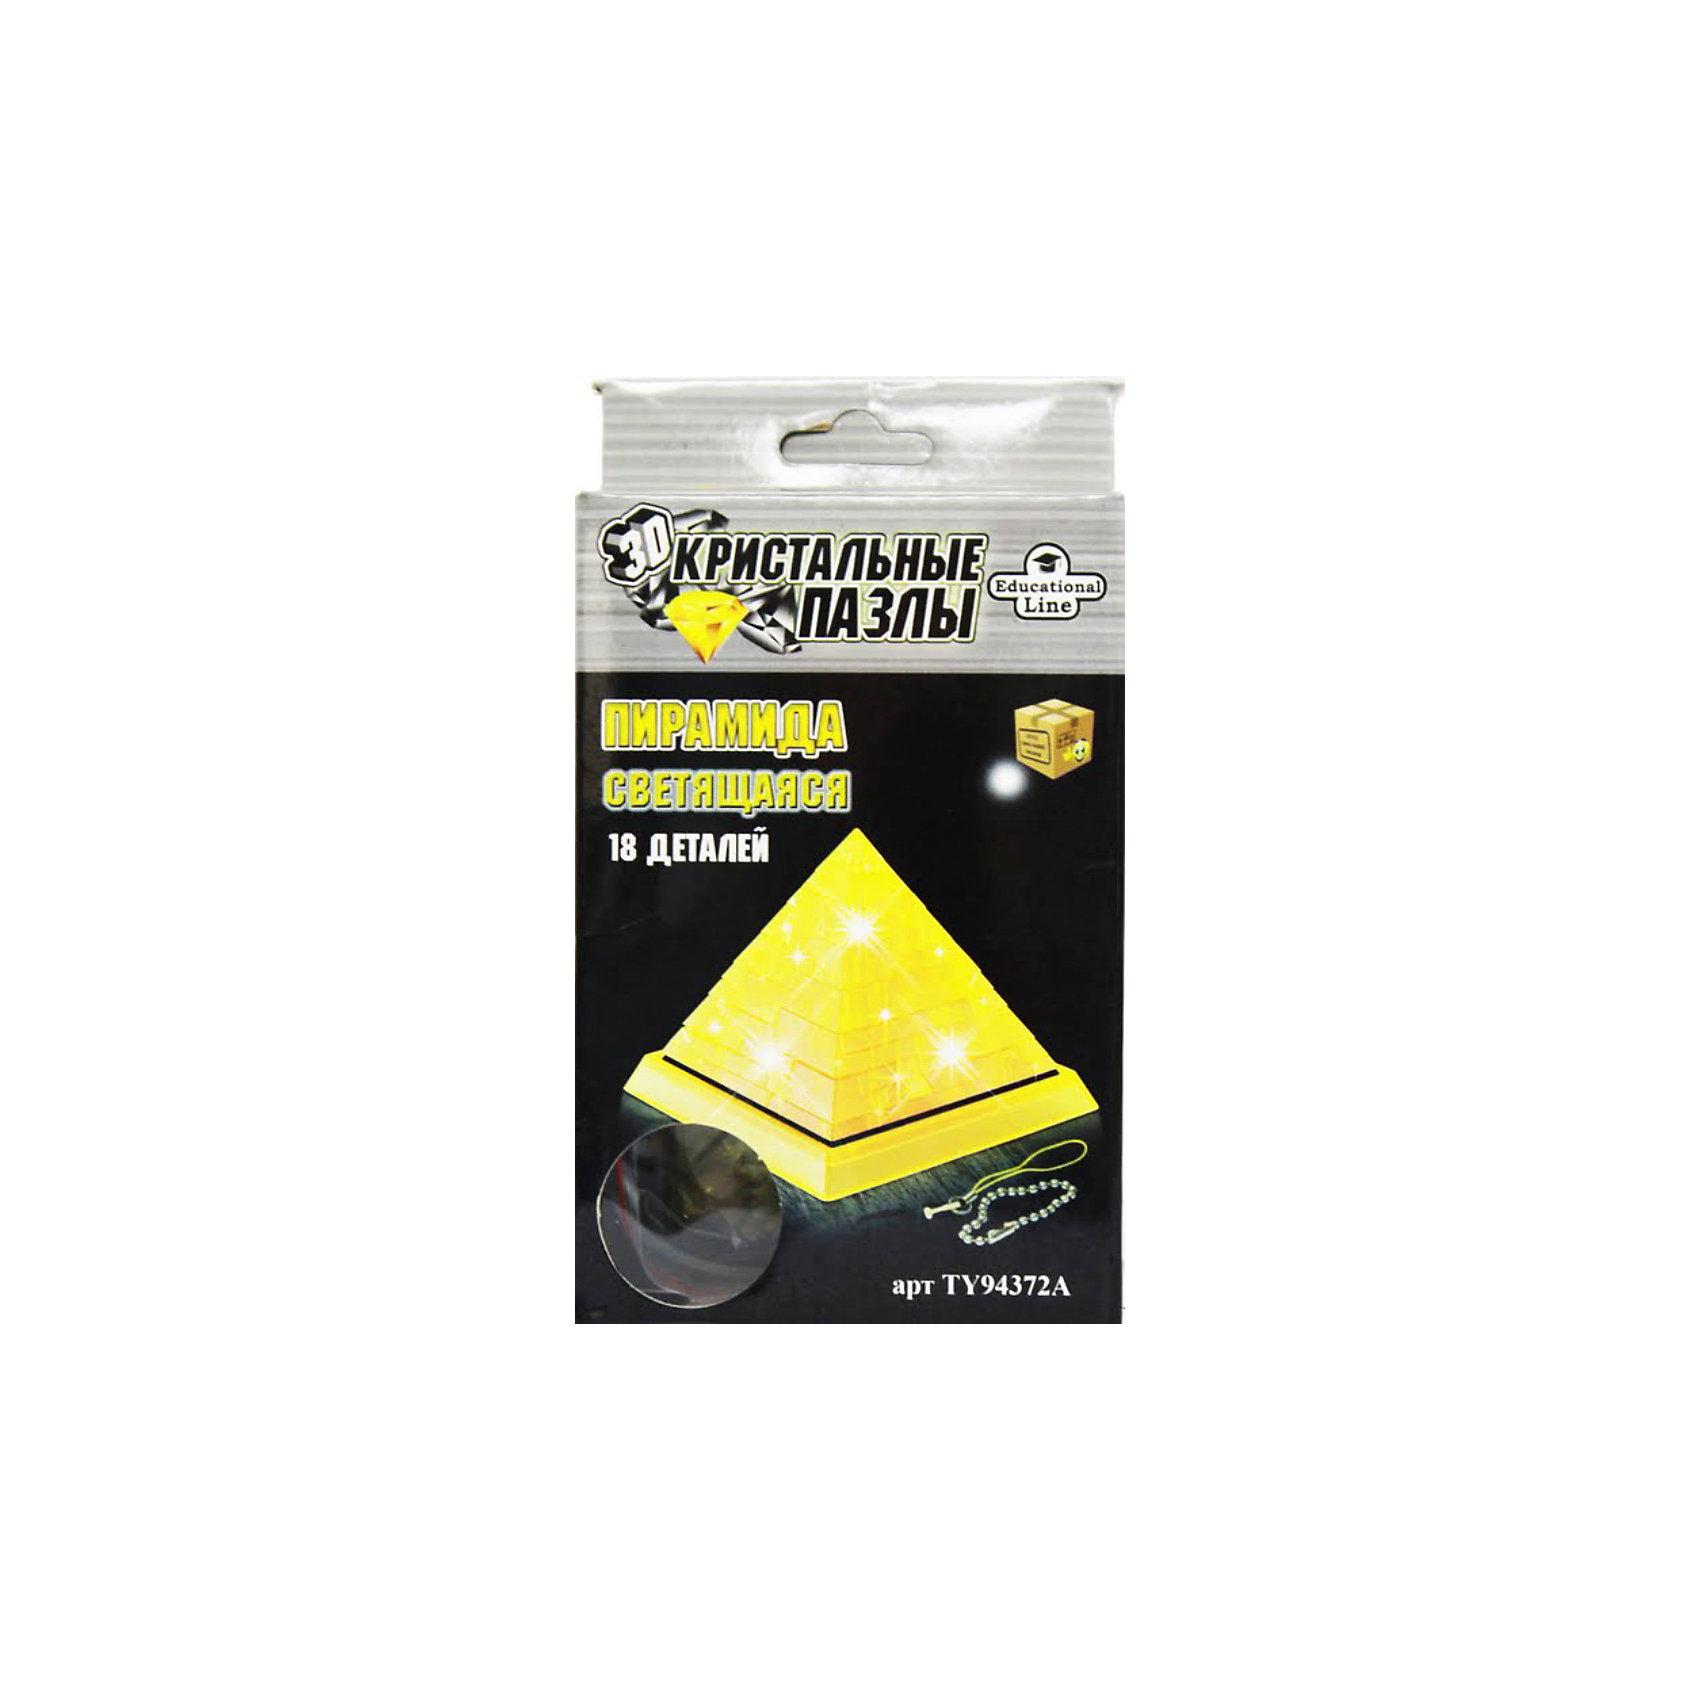 Кристаллический пазл 3D Пирамида, CreativeStudioКристаллический пазл 3D  Пирамида, светильник L, CreativeStudio (КриэтивСтудио) представляет собой определенное количество пластиковых деталей, которые необходимо сложить так, чтобы получилось объемное изображение пирамиды. <br><br>Фигурка собирается на подставке, а в центр пирамиды устанавливается модуль, состоящий из лампочки и батареек. Все 3D пазлы имеют разную степень сложности, пирамида имеет второй уровень и отлично подойдет начинающим. <br><br>Комплектация: 38 частей, инструкция<br><br>Дополнительная информация:<br>-Масса упаковки: 175 г <br>-Размер упаковки: 135x180x40 мм<br>-Материал: полупрозрачный пластик<br>-Размер готовой пирамиды: около 8 см в высоту<br><br>Разнообразие видов трехмерных интеллектуальных пазлов делает их универсальным подарком для взрослых и детей. Это великолепное украшение любого интерьера и прекрасный подарок!<br><br>Кристаллический пазл 3D  Пирамида, светильник L, CreativeStudio (КриэтивСтудио) можно купить в нашем магазине.<br><br>Ширина мм: 135<br>Глубина мм: 180<br>Высота мм: 40<br>Вес г: 250<br>Возраст от месяцев: 36<br>Возраст до месяцев: 192<br>Пол: Унисекс<br>Возраст: Детский<br>Количество деталей: 18<br>SKU: 3588196